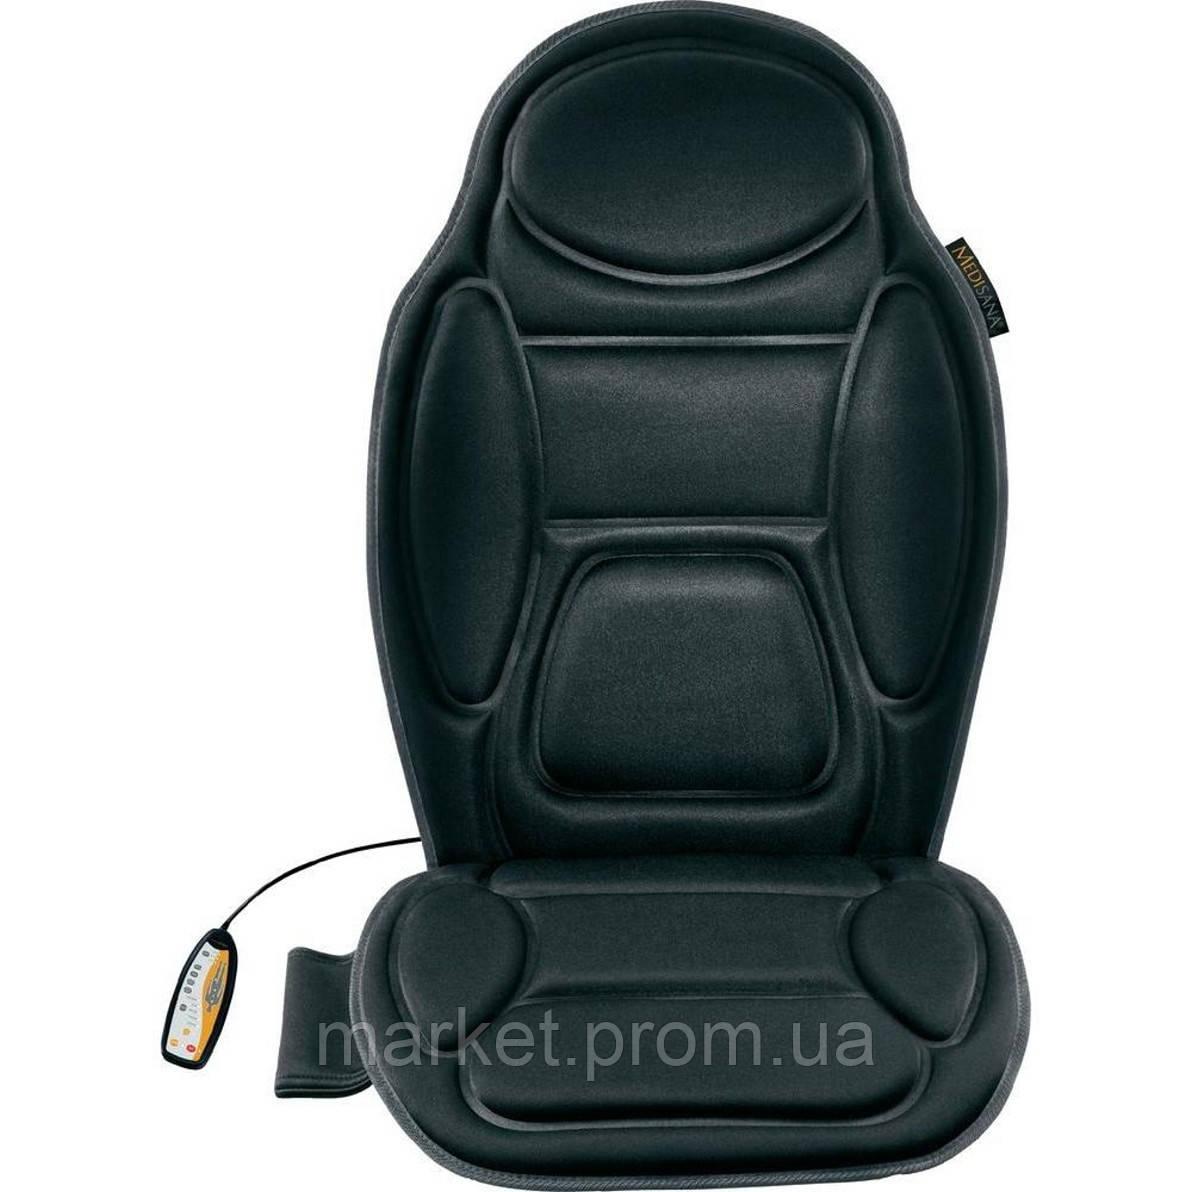 Автомобильная вибрационная массажная накидка Medisana MCH